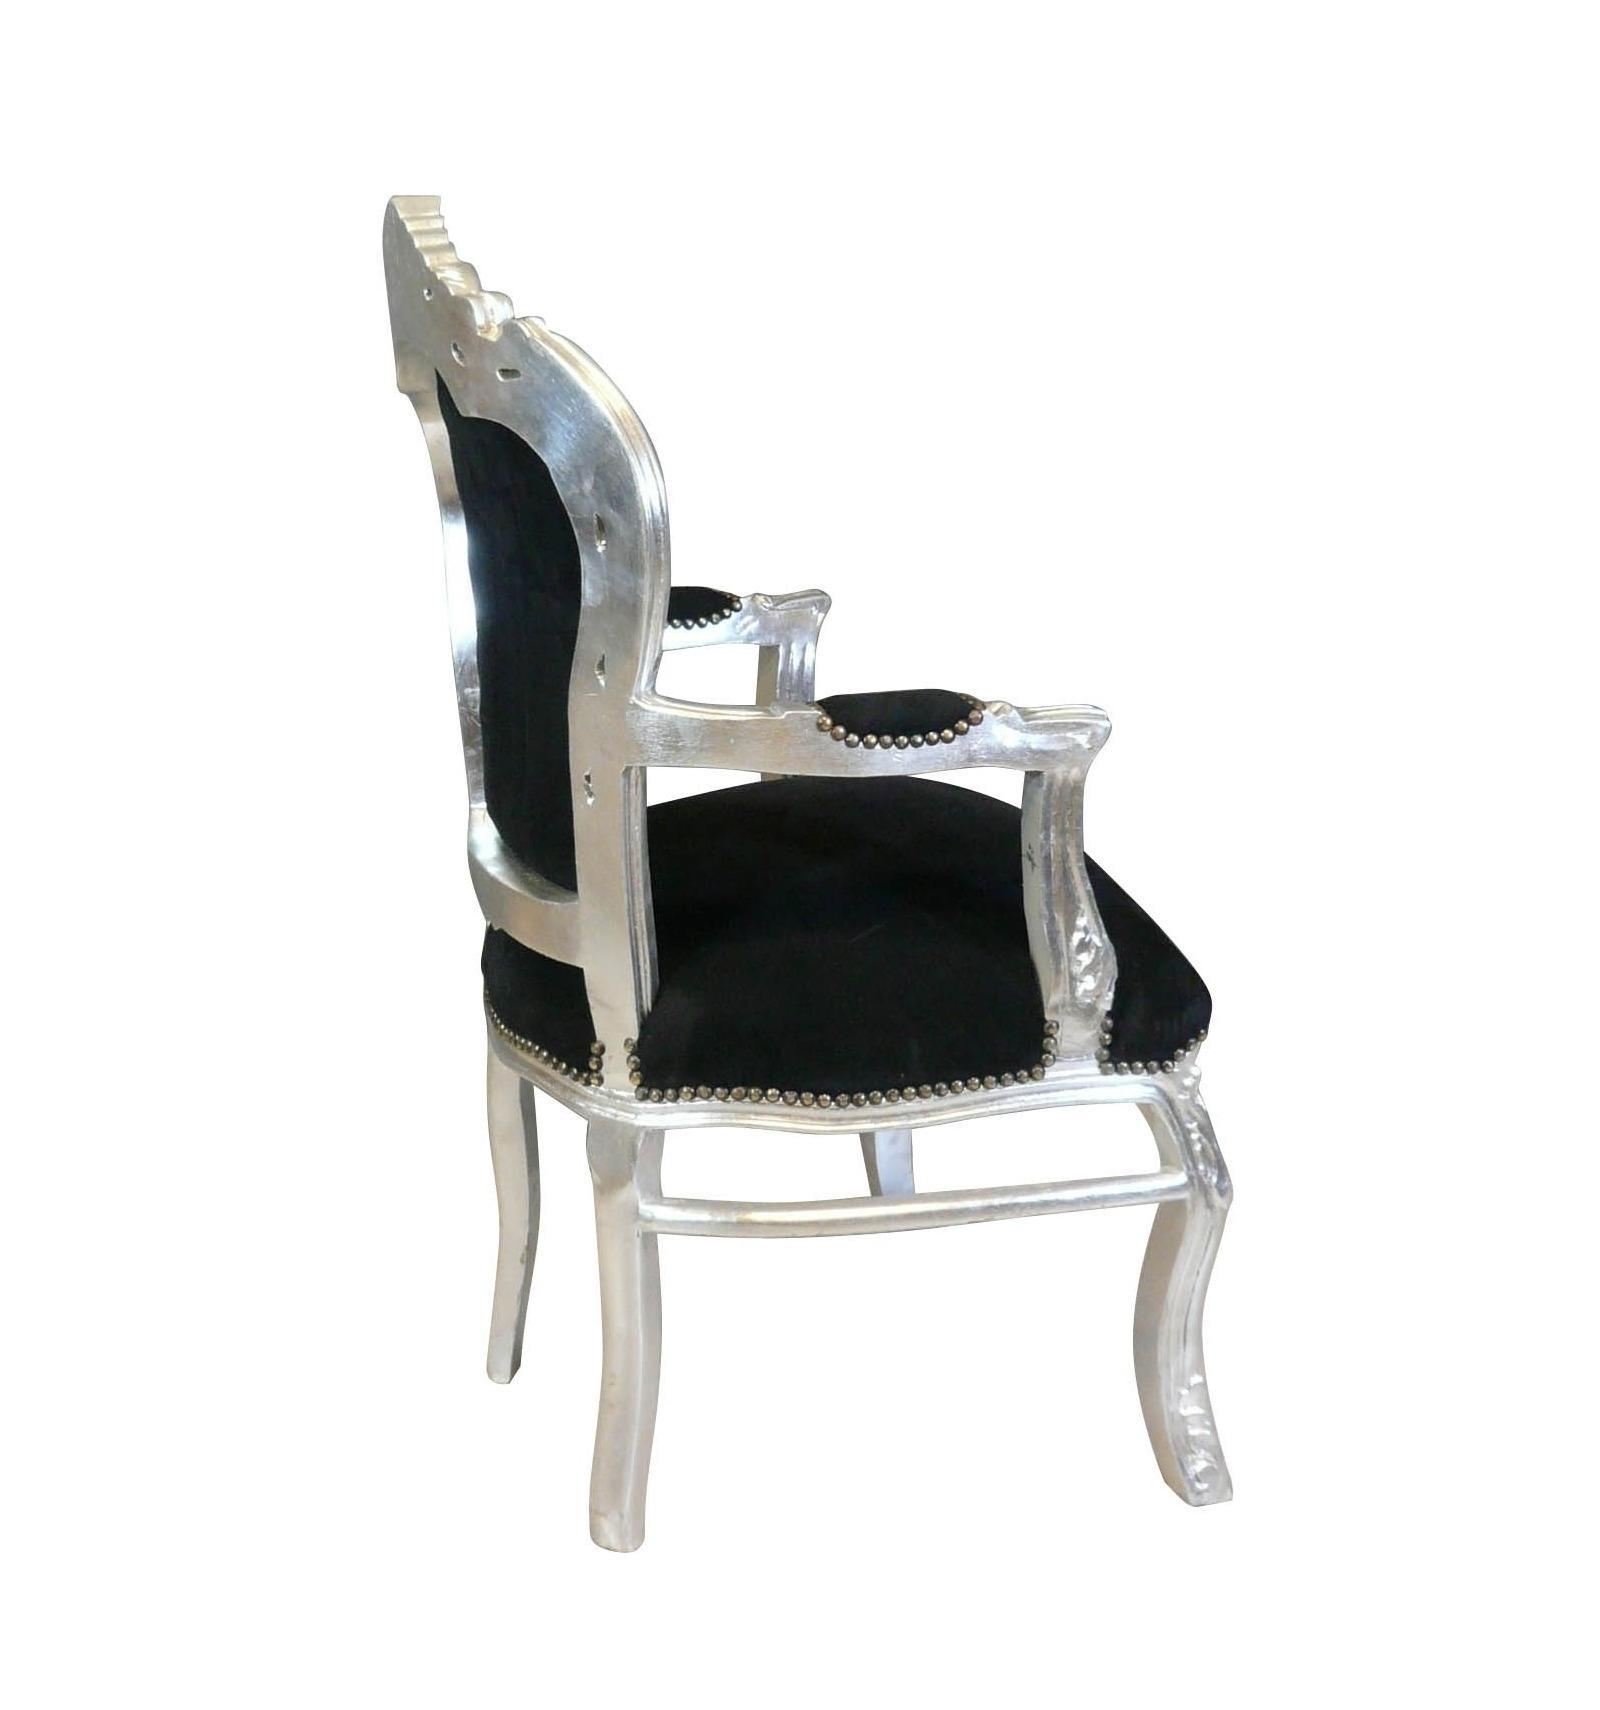 holz schwarz und silber barock sessel. Black Bedroom Furniture Sets. Home Design Ideas